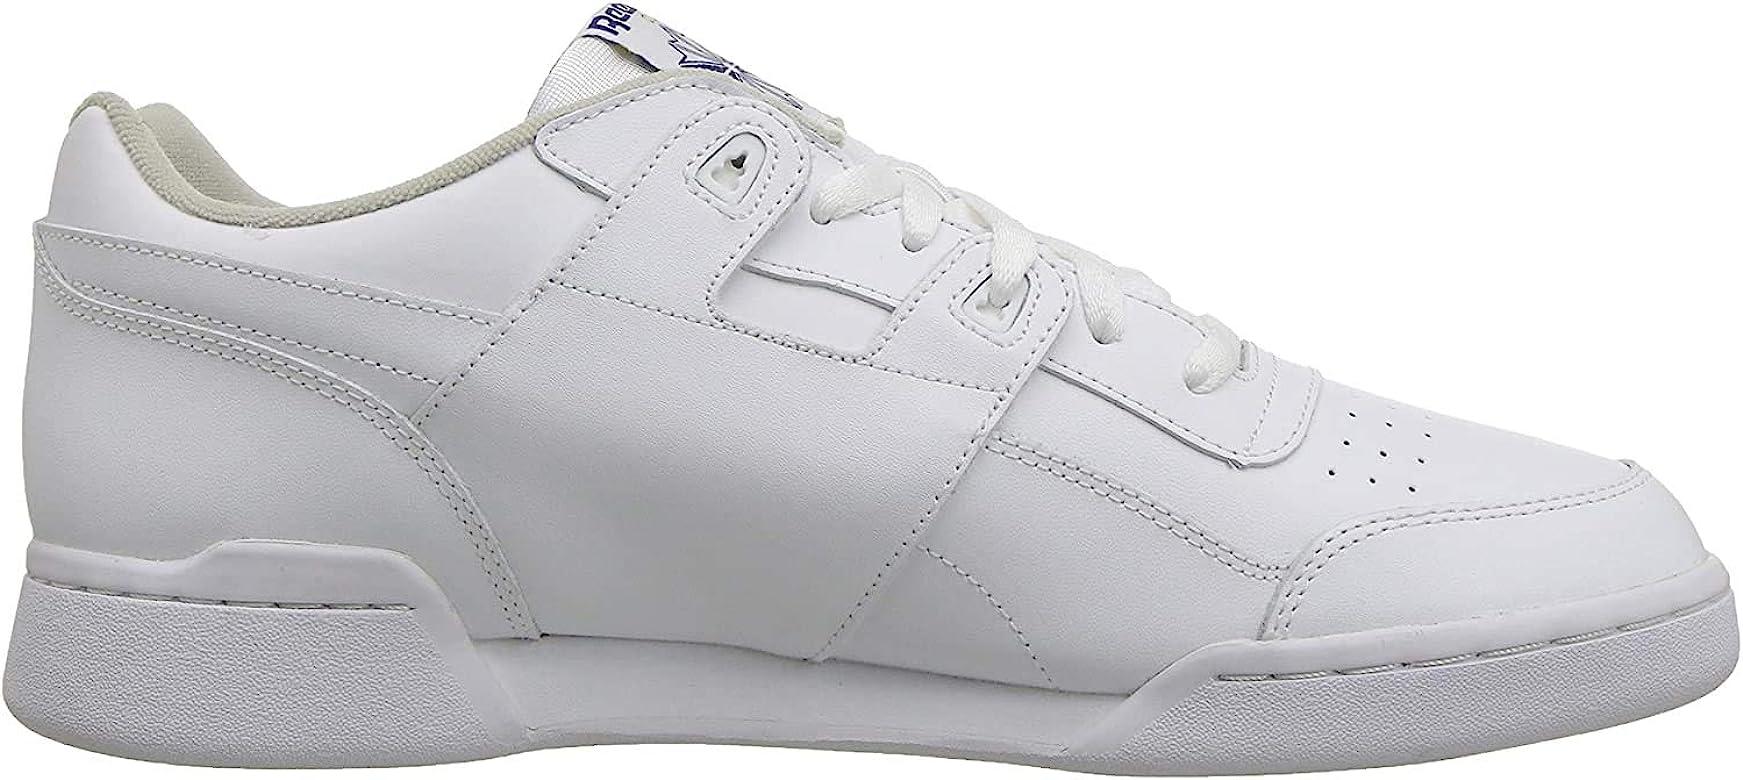 zapatos reebok blancos para hombre 5.5